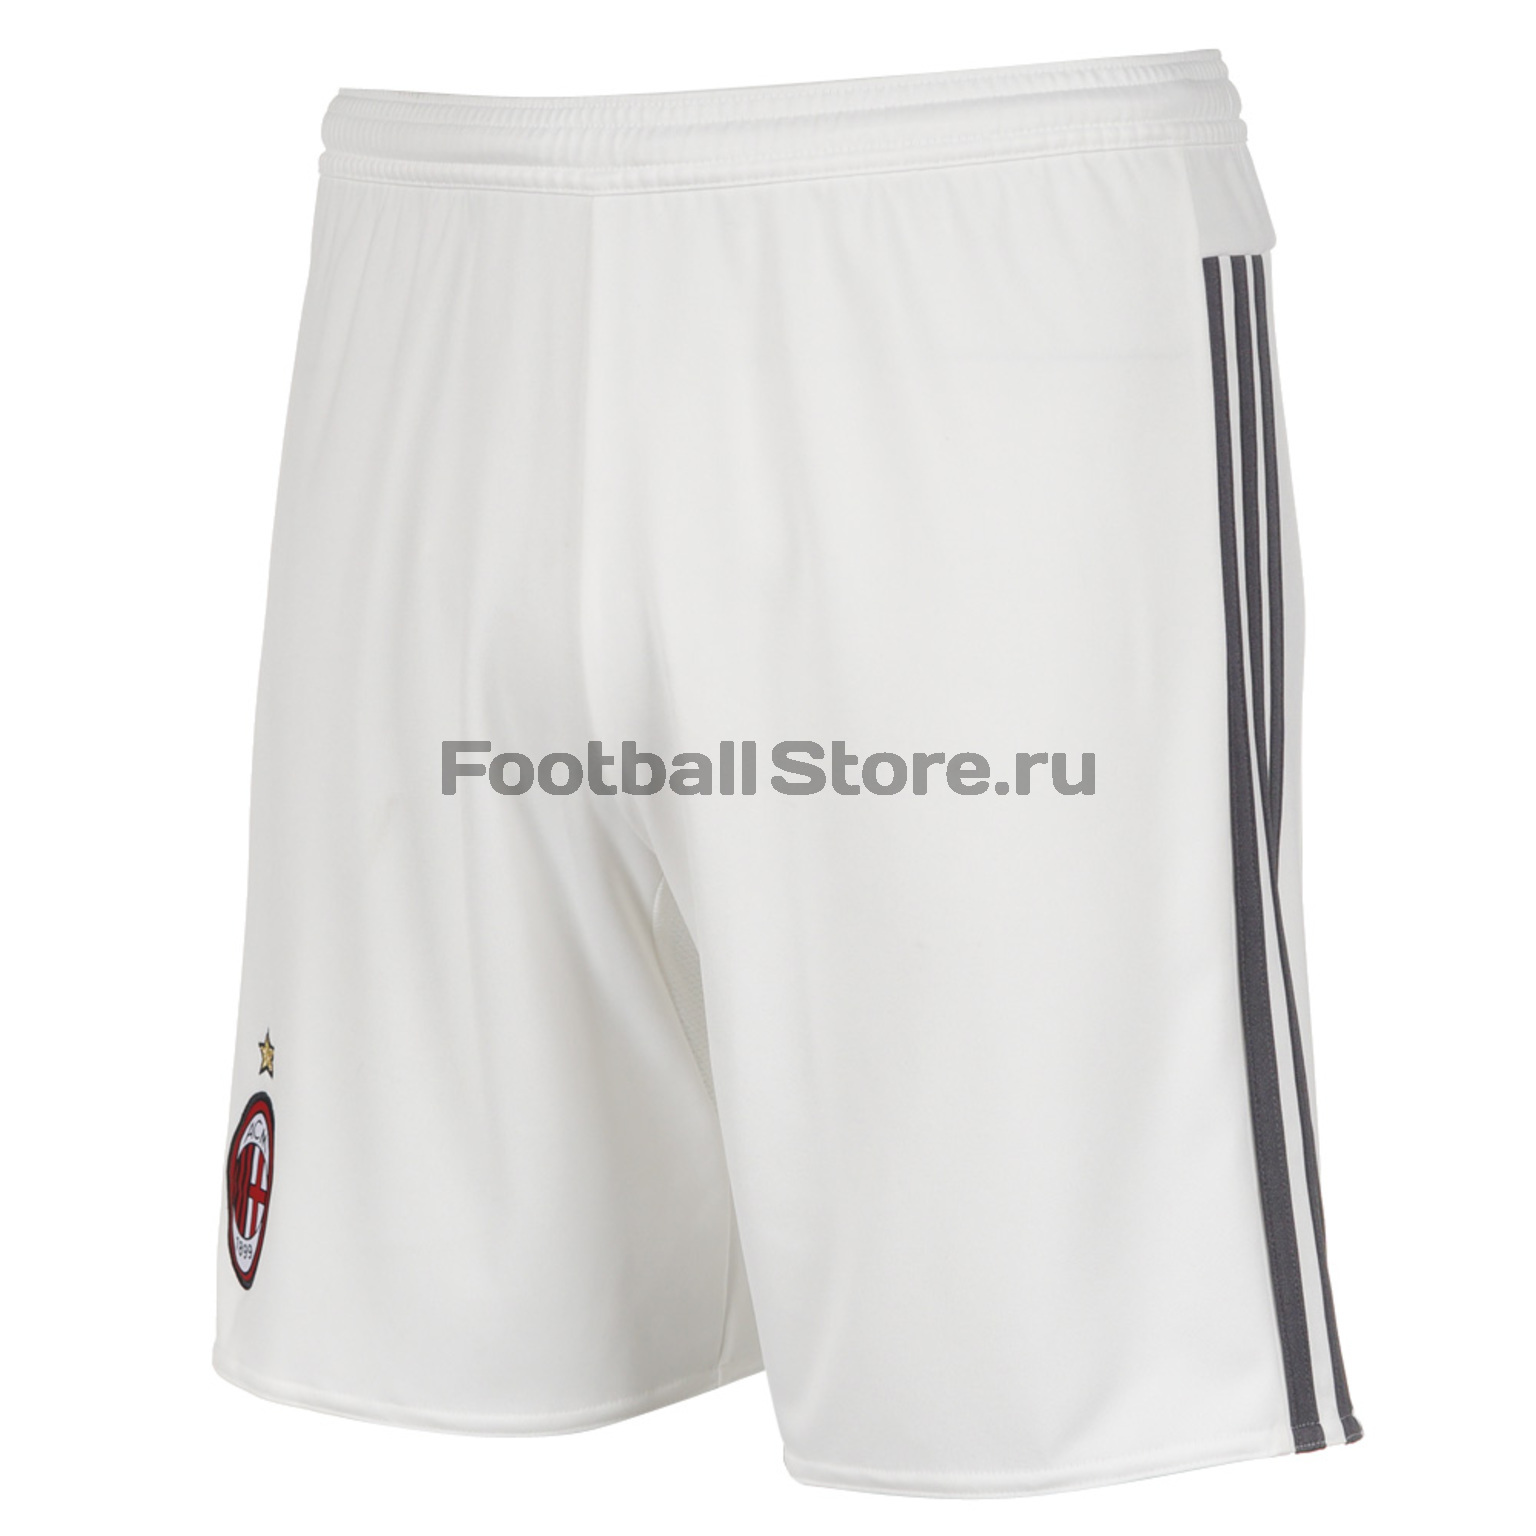 Клубная продукция Adidas Шорты игровые подростковые Adidas Milan Home S11846 adidas ac milan гетры